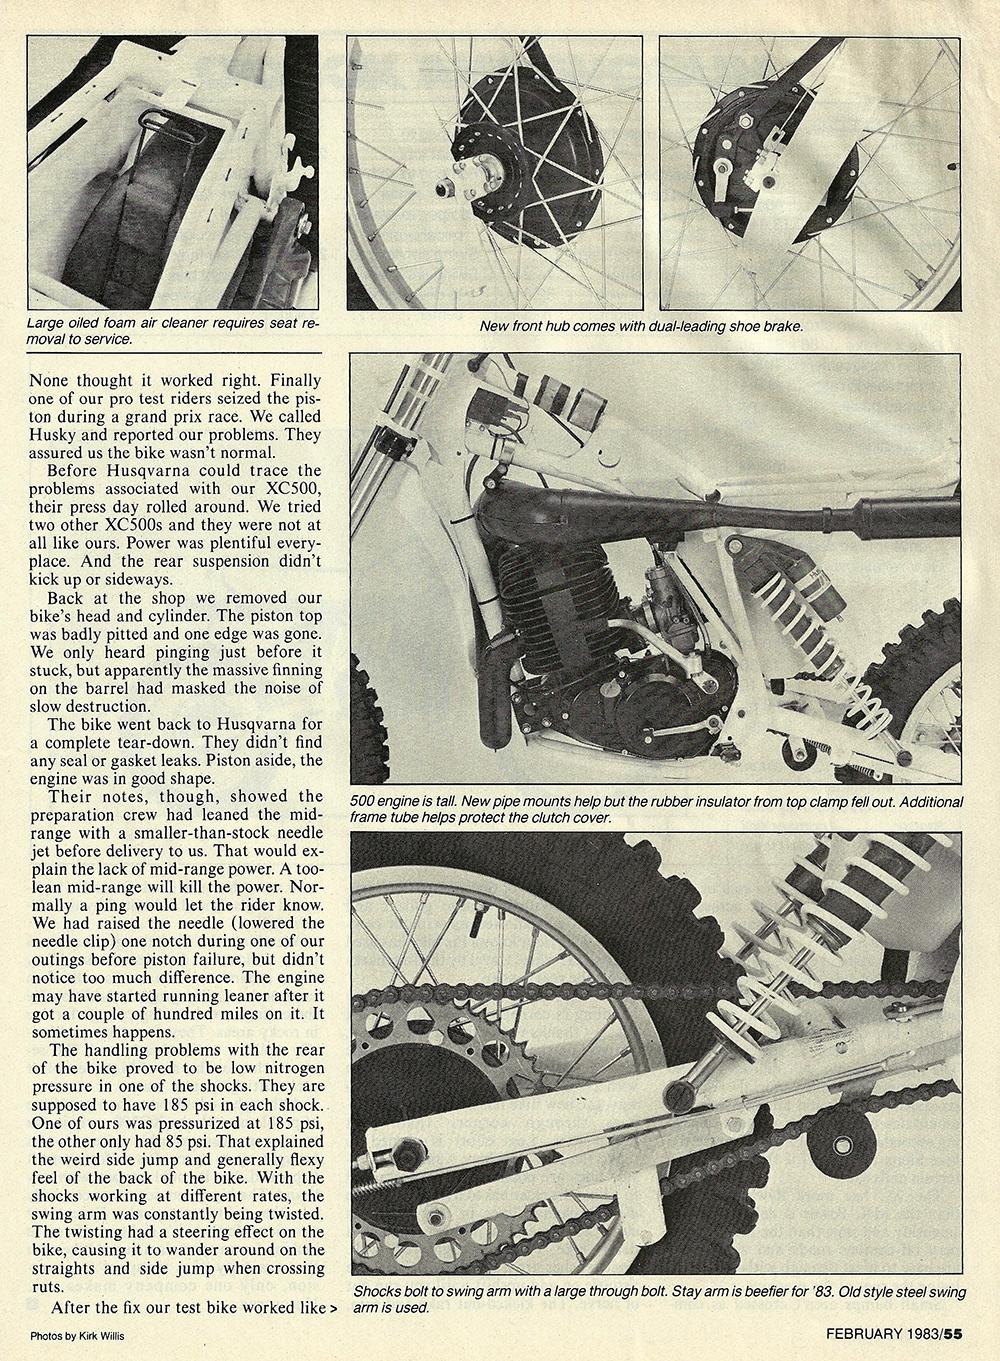 1983 Husqvarna XC500 road test 04.jpg